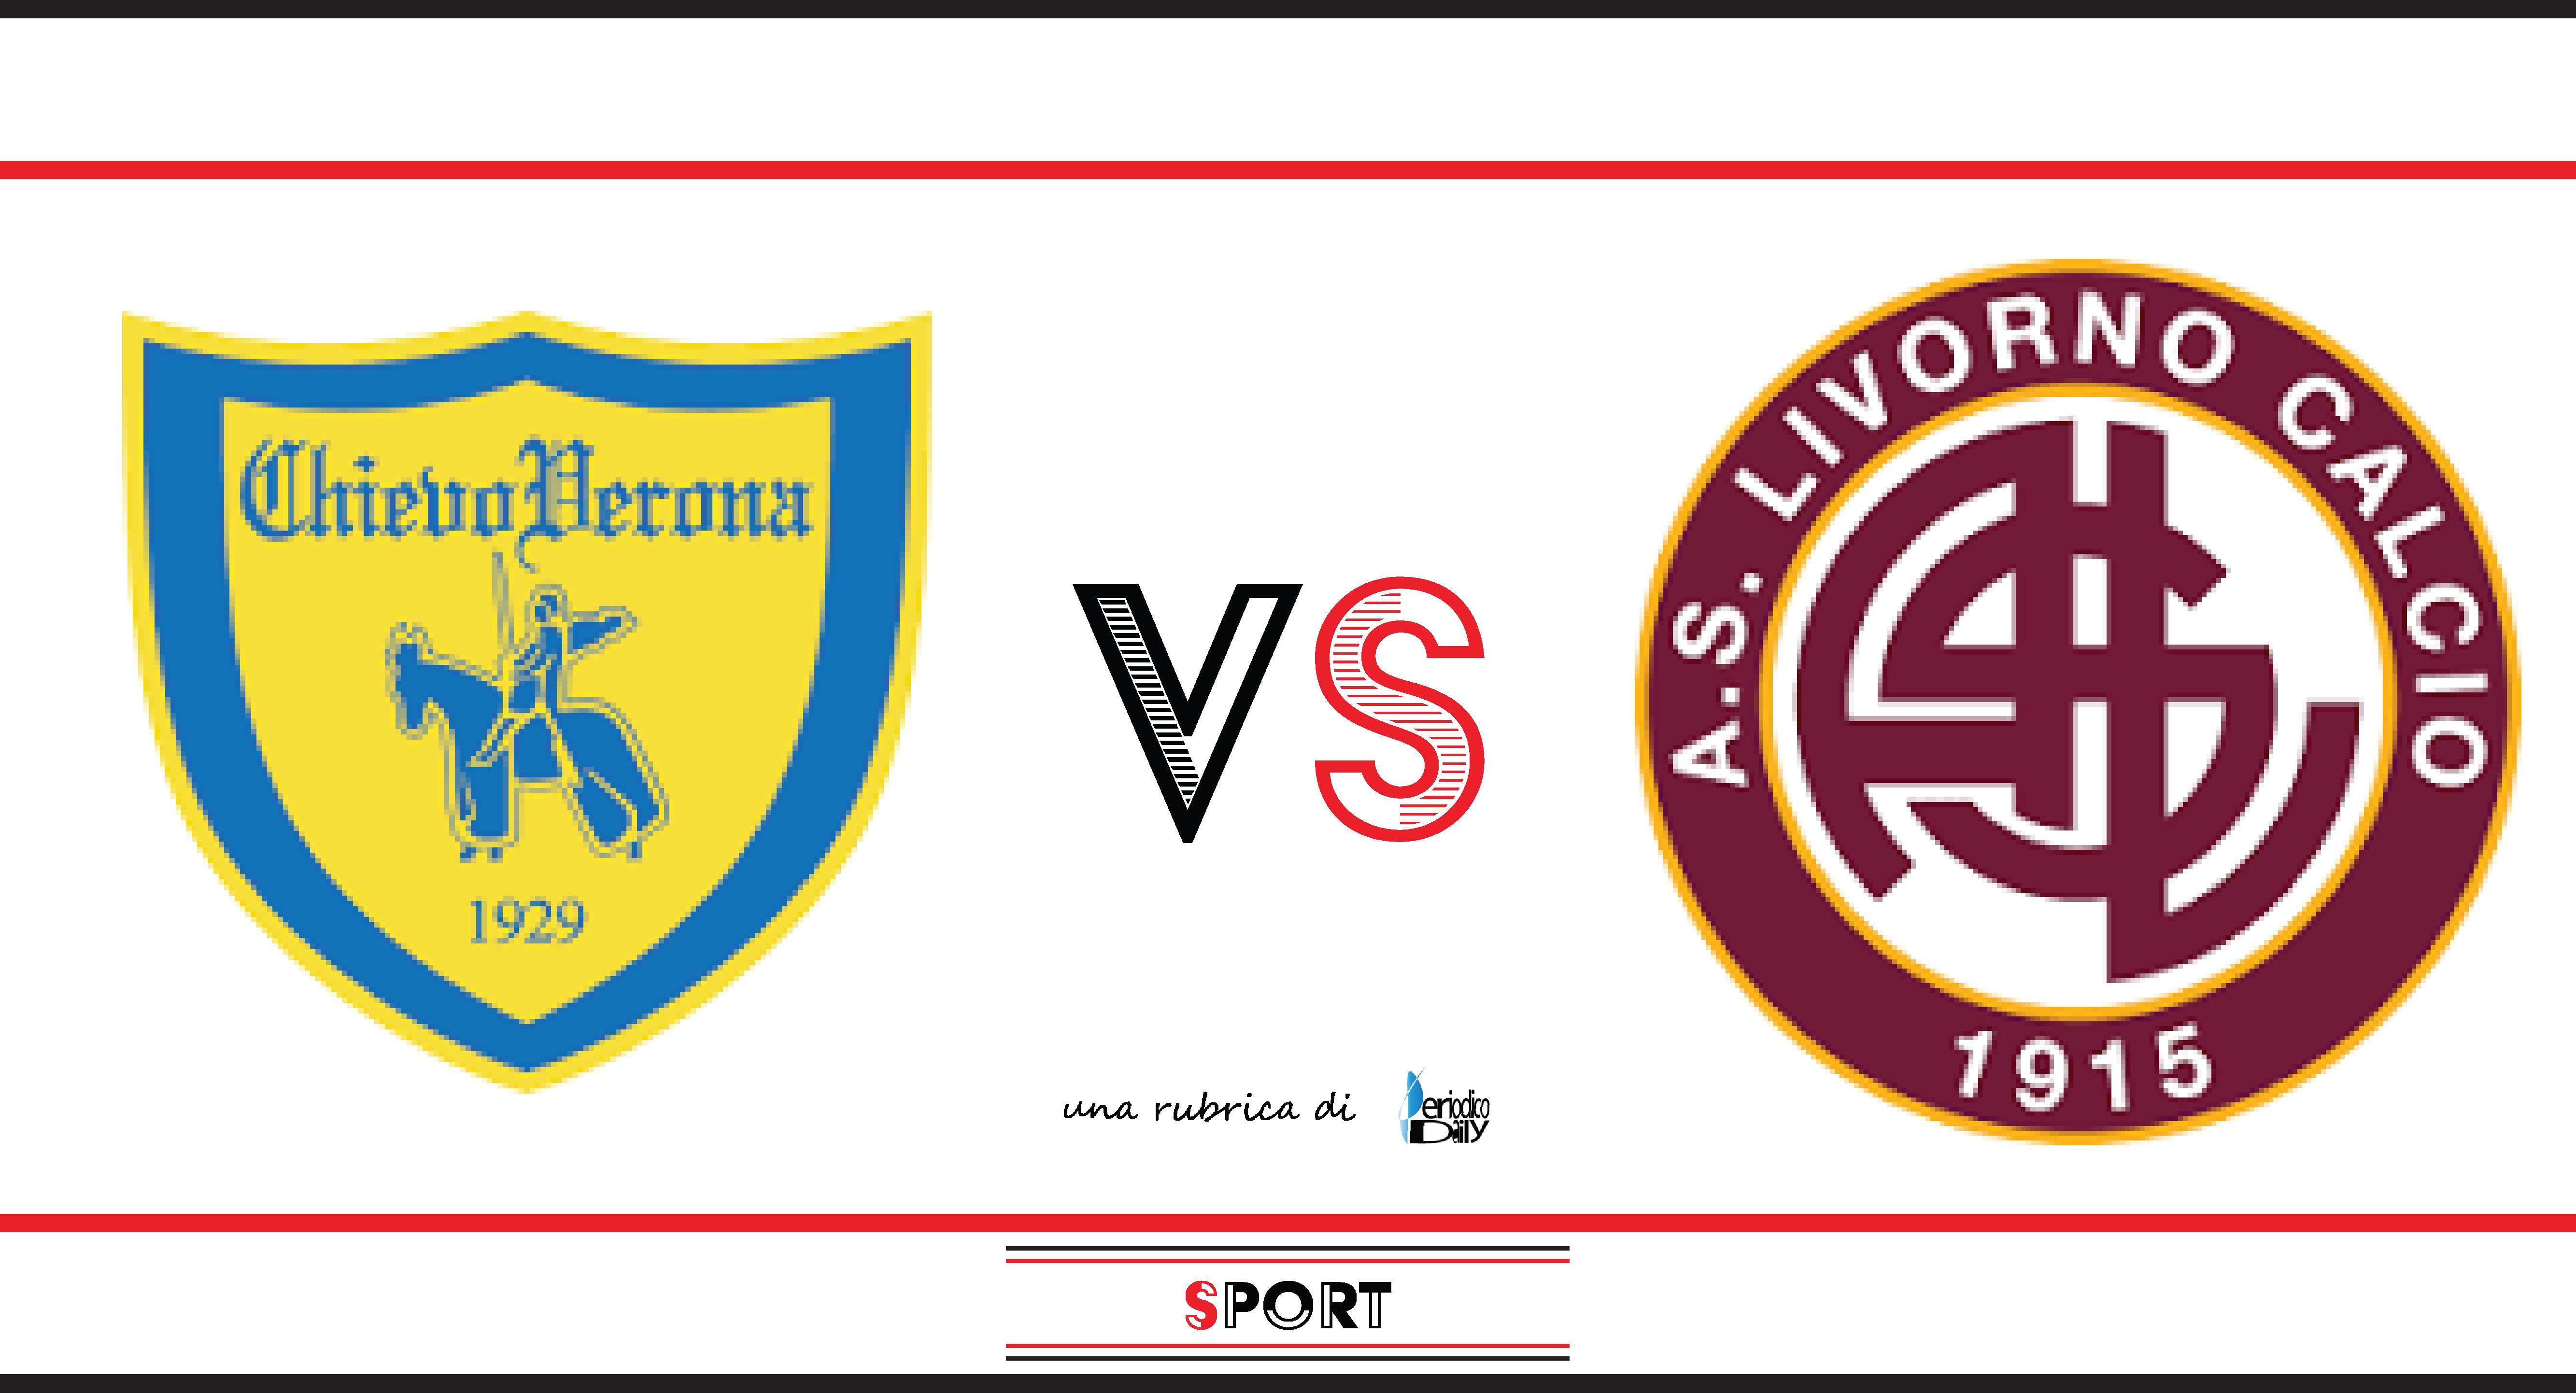 Pronostico Di Chievo Livorno Formazioni E Dove In Tv Periodicodaily Sport